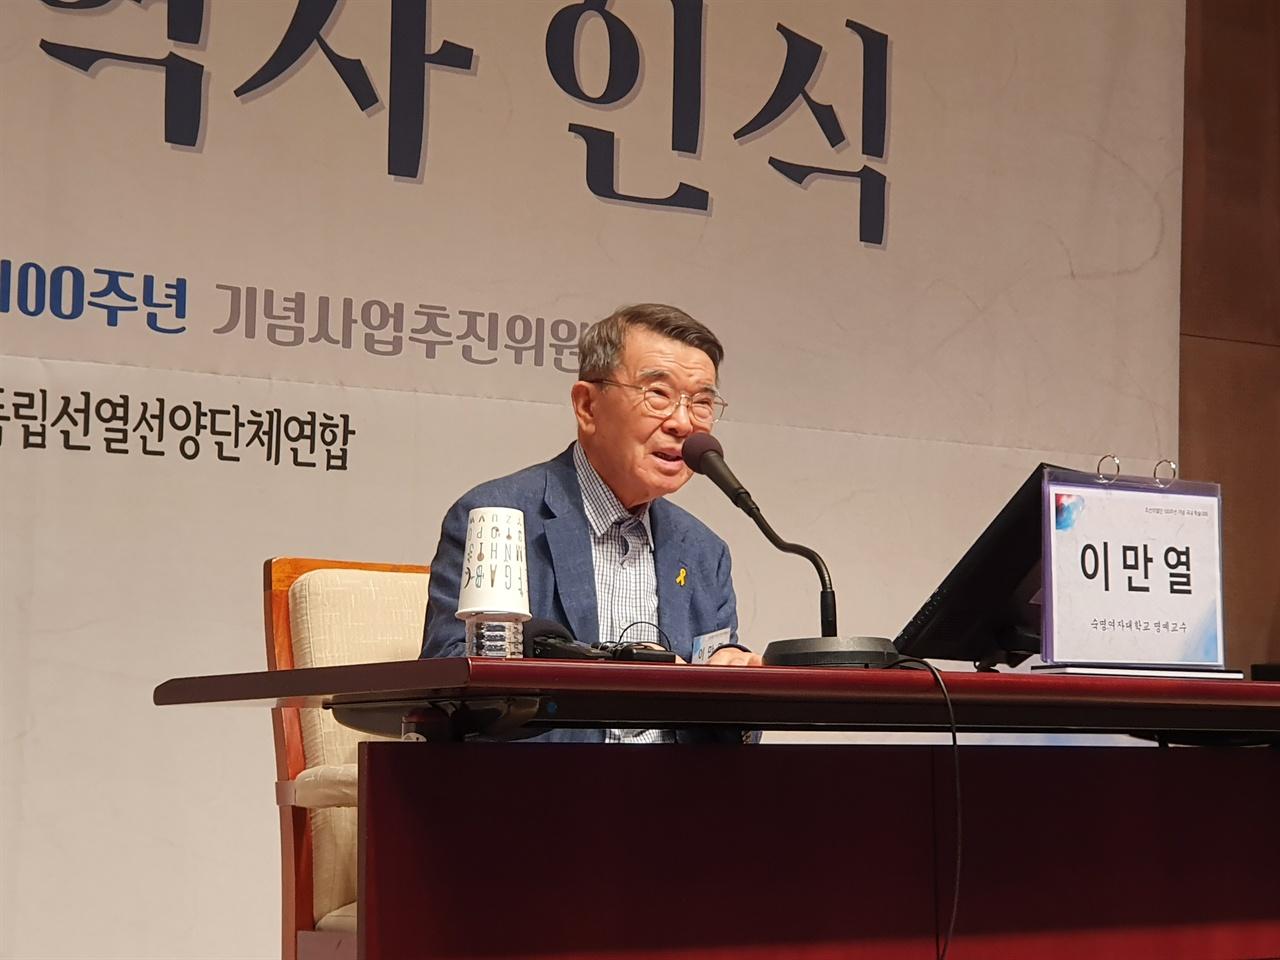 김원봉 서훈의 쟁점과 대안에 대해 발표하는 이만열 숙명여대 명예교수